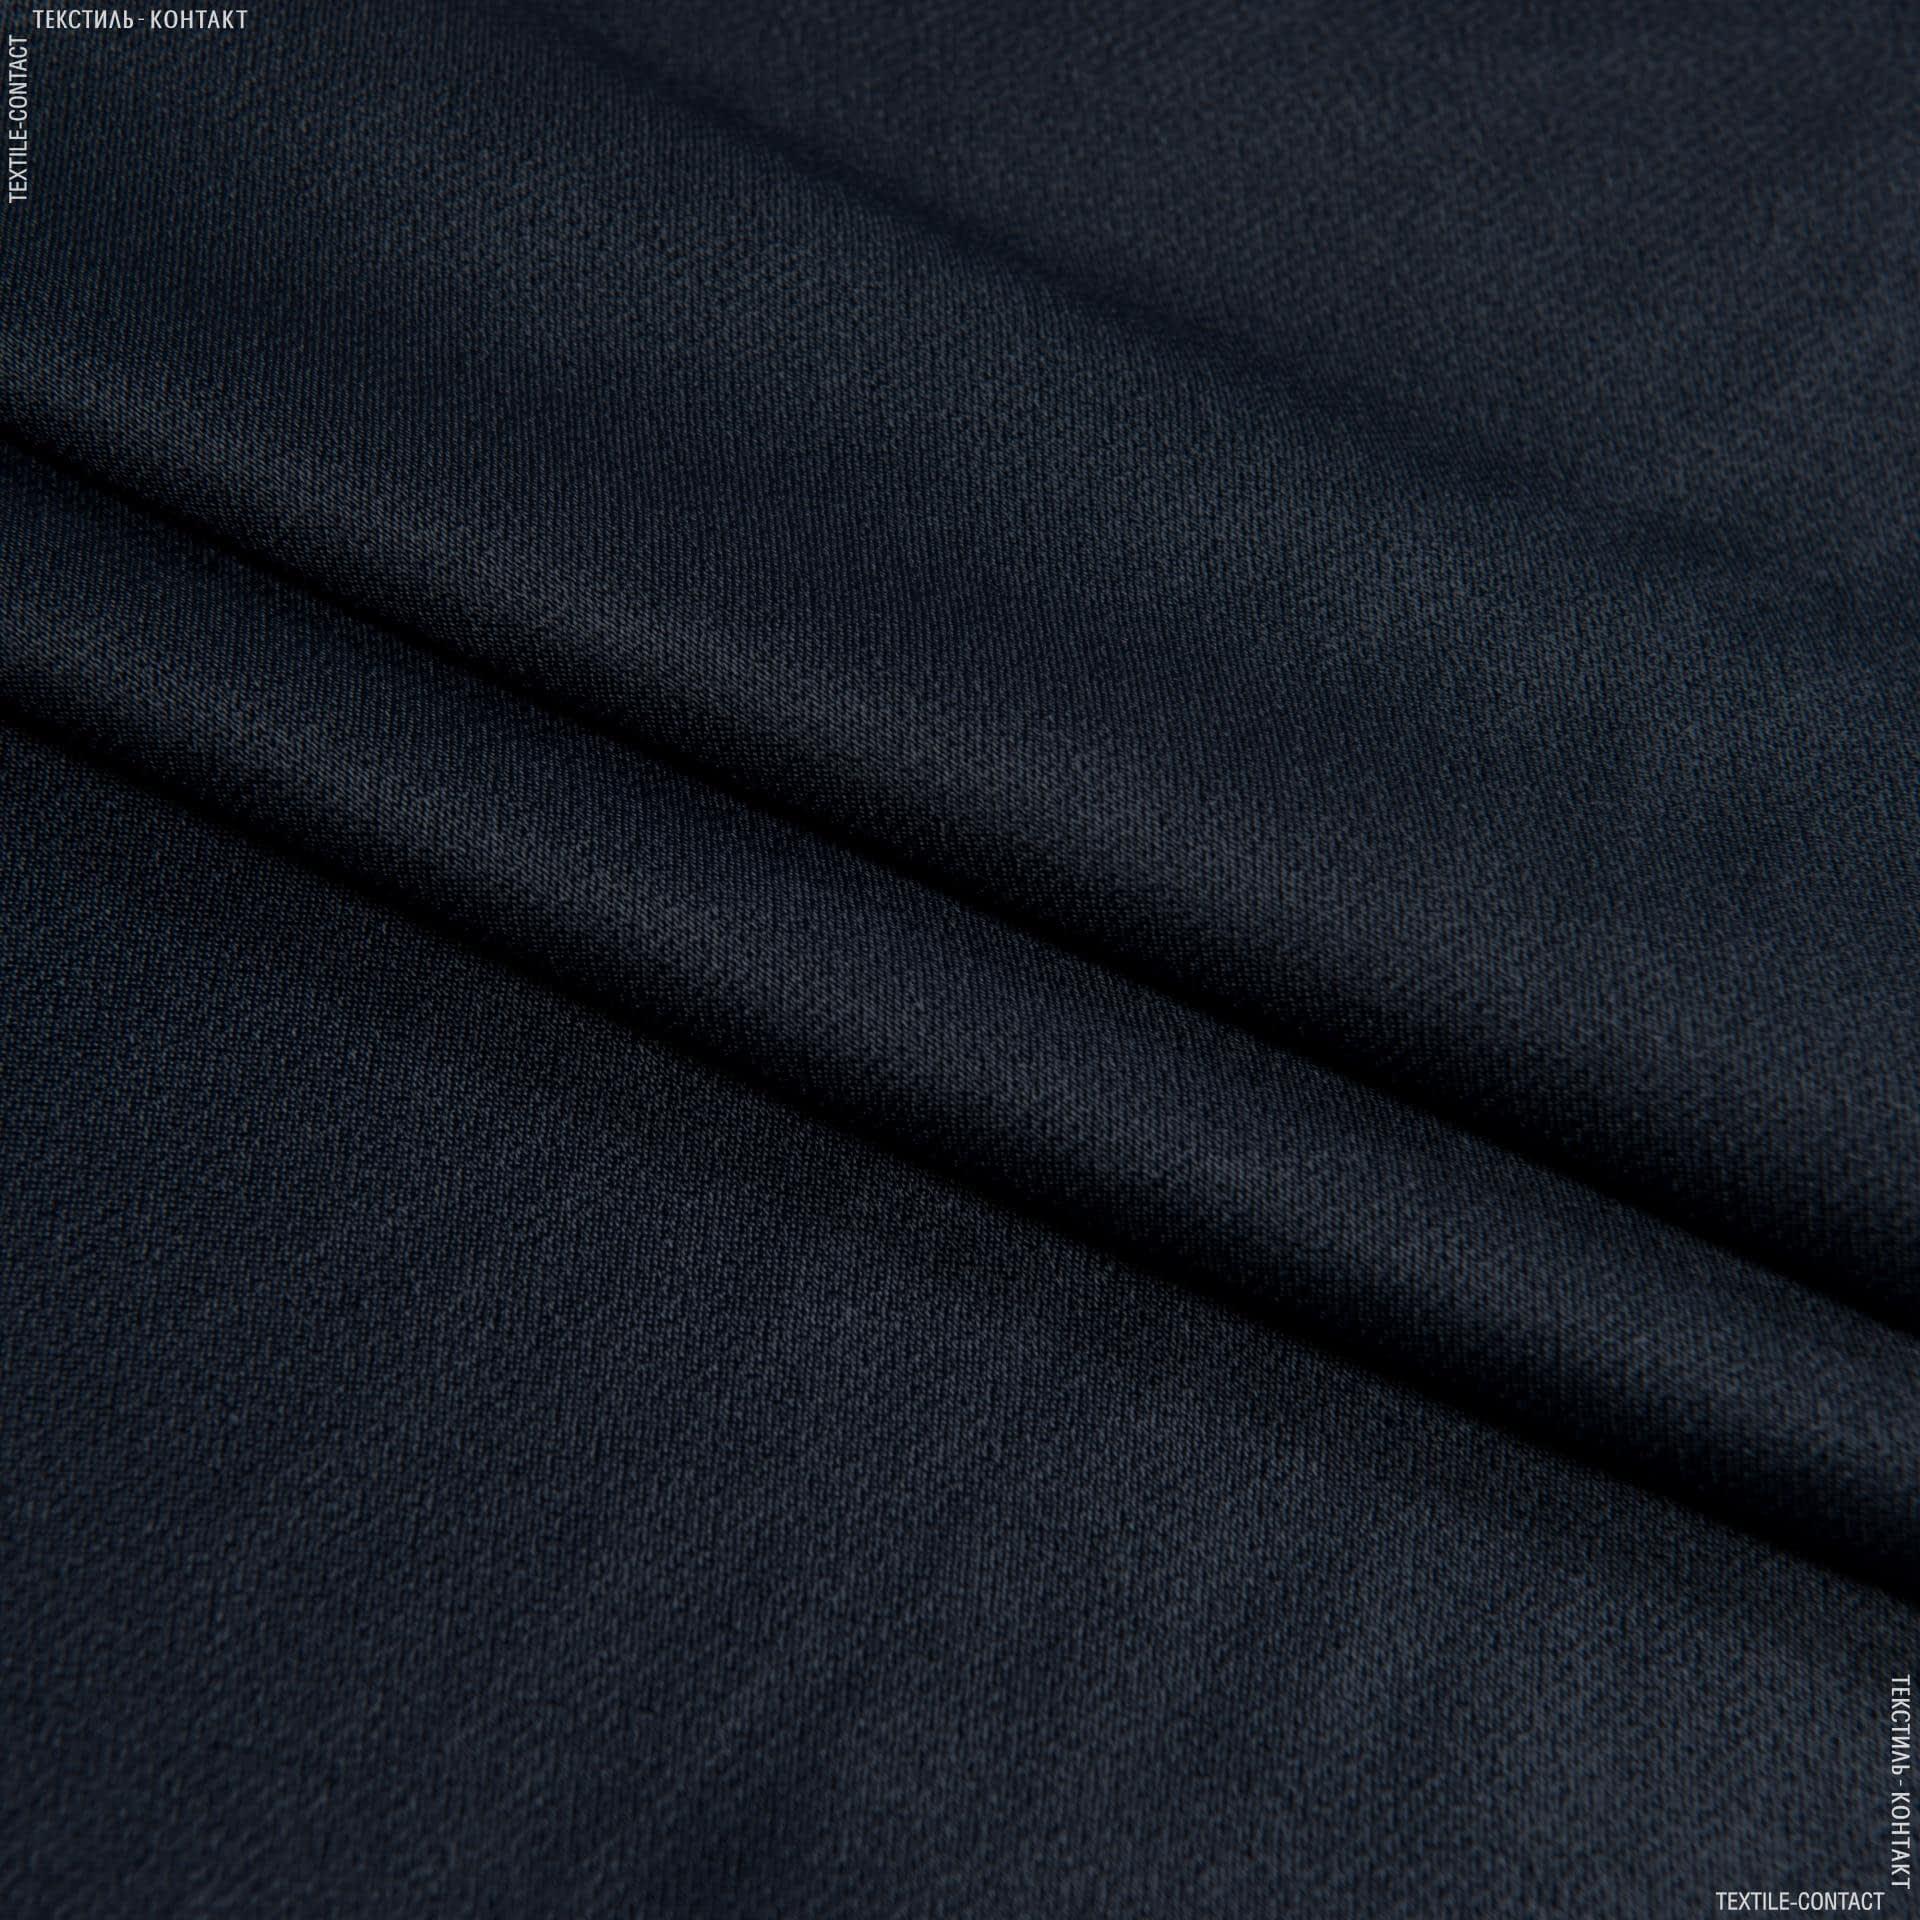 Тканини для костюмів - Платтяна креп-сатин міка темно-синій